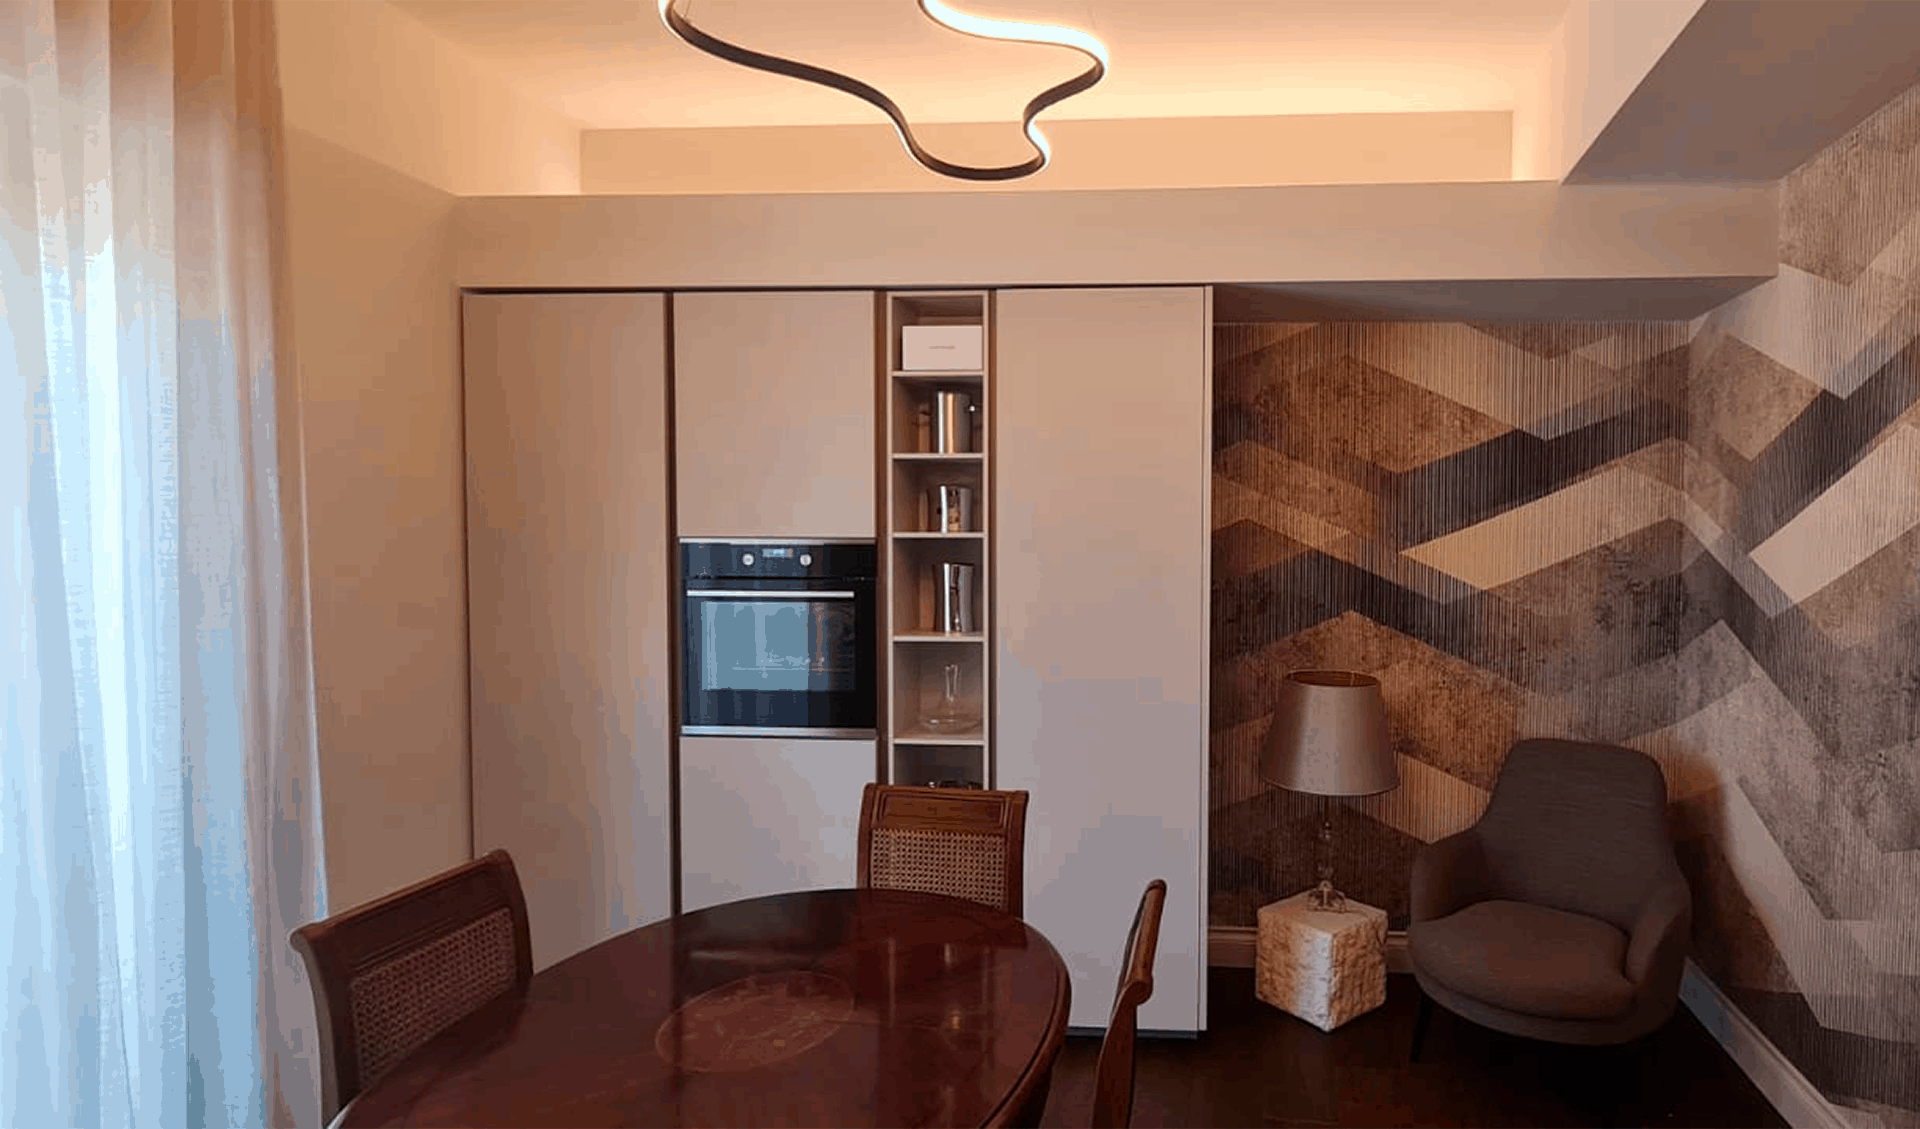 Idee per progetto arredamento casa - D'Amico Arreda